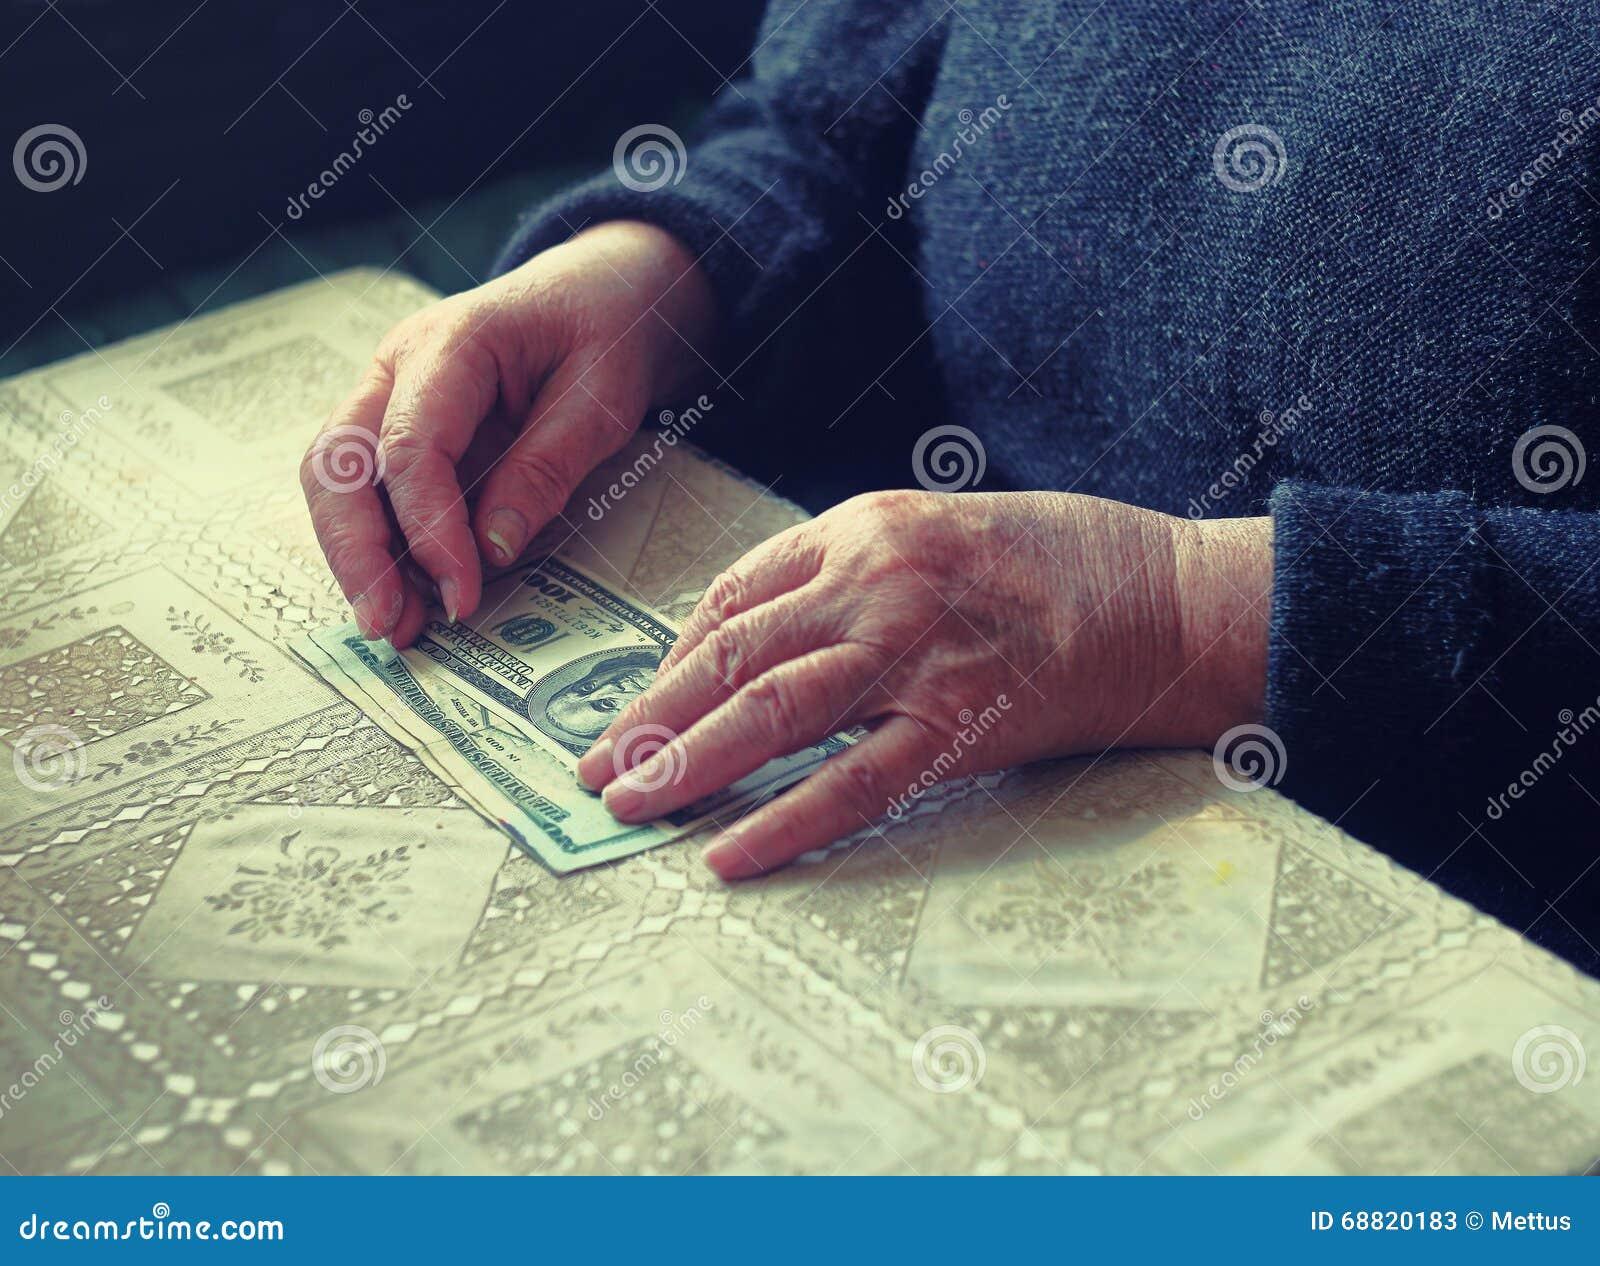 Fêmea superior do latino com pequena quantidade de dinheiro, imagem tonificada, foco colorized, seletivo, dof muito raso